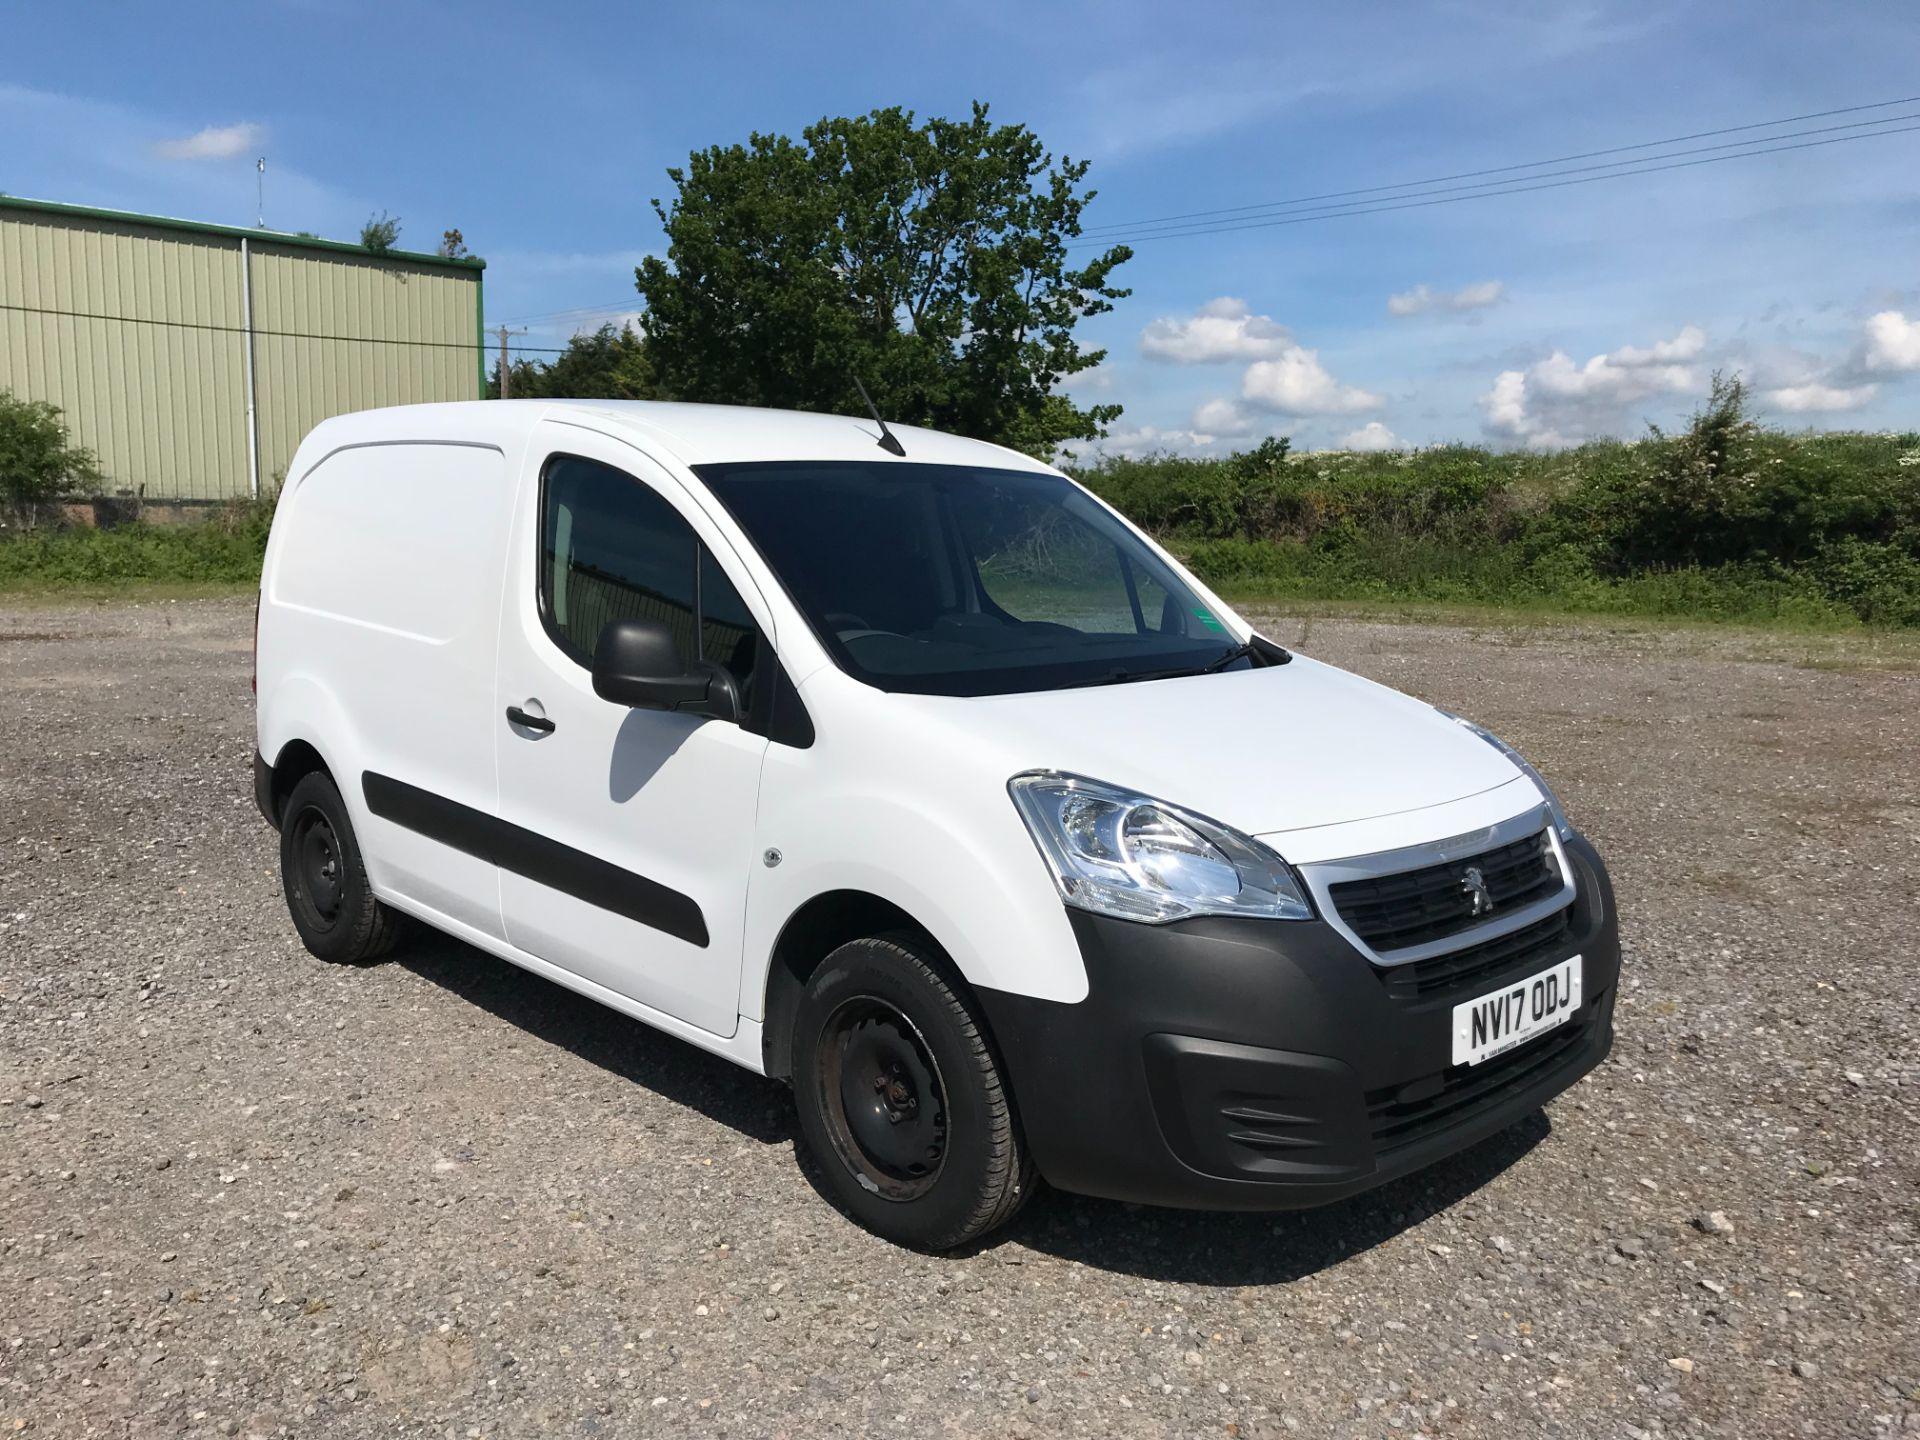 2017 Peugeot Partner 850 1.6 Bluehdi 100 Professional Van [Non Ss] EURO 6 (NV17ODJ)